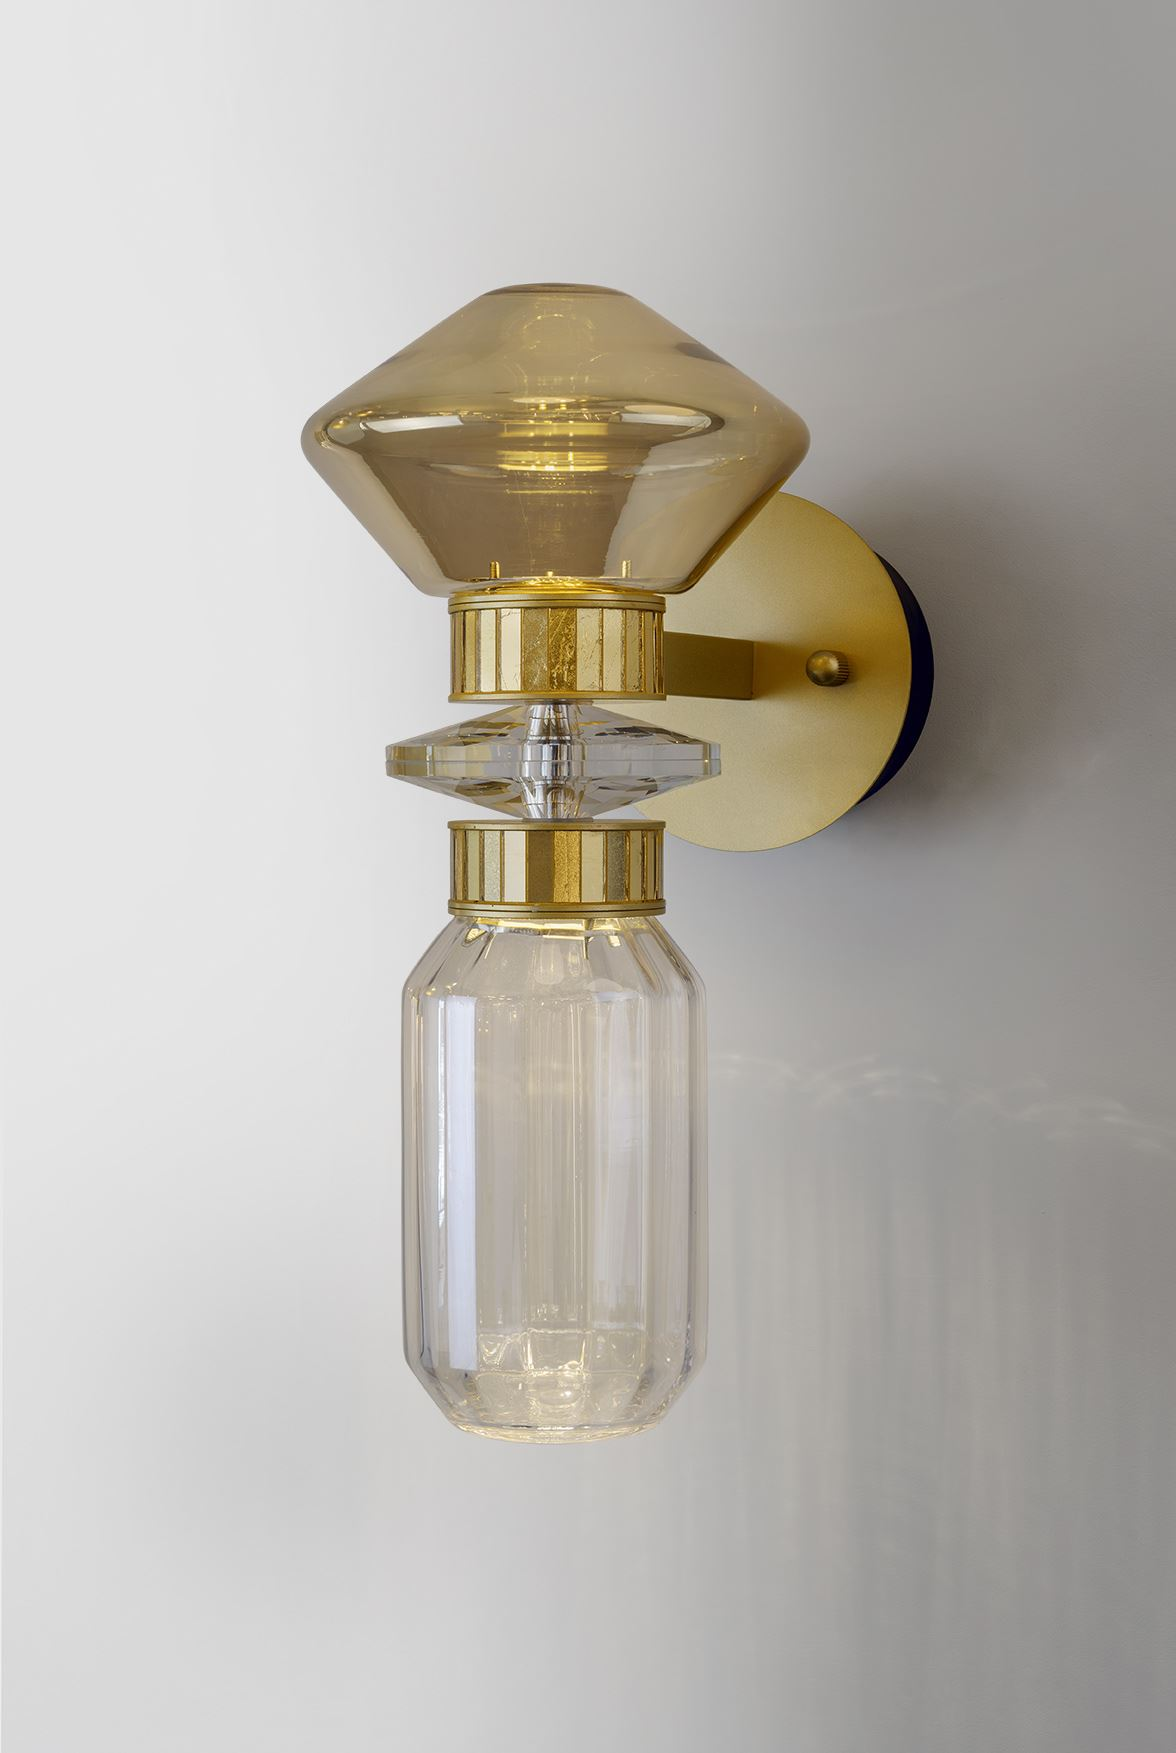 גופי תאורה בקטגוריית: מנורות קיר  ,שם המוצר: טירנה